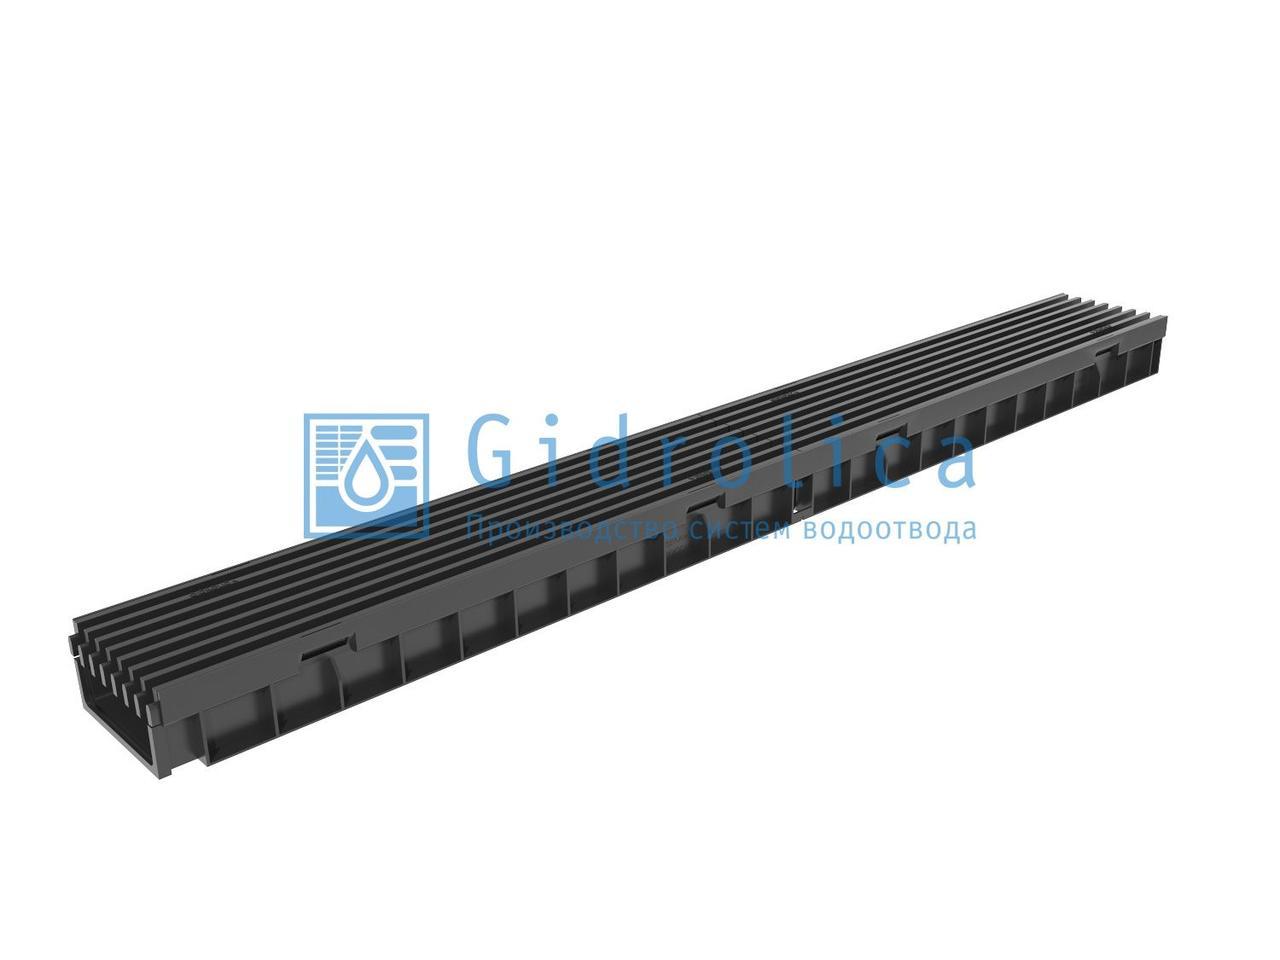 Комплект Gidrolica Light: лоток водоотводный ЛВ -10.11,5.5,5 - пластиковый  с решеткой РВ- 10.11.50 пластиковой ячеистой, кл. A15